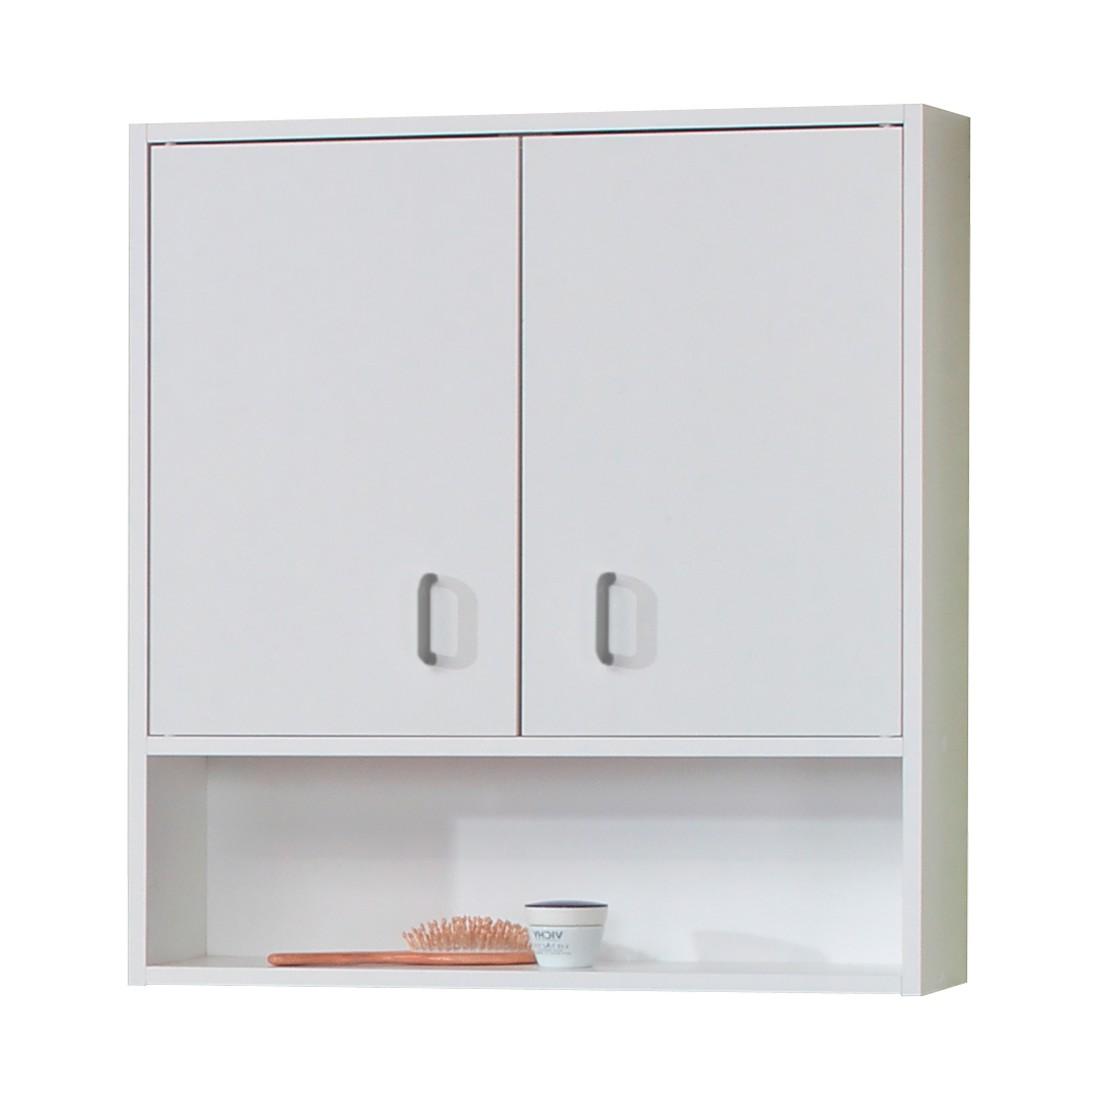 Hängeschrank Cuneo - 2-türig - Weiß